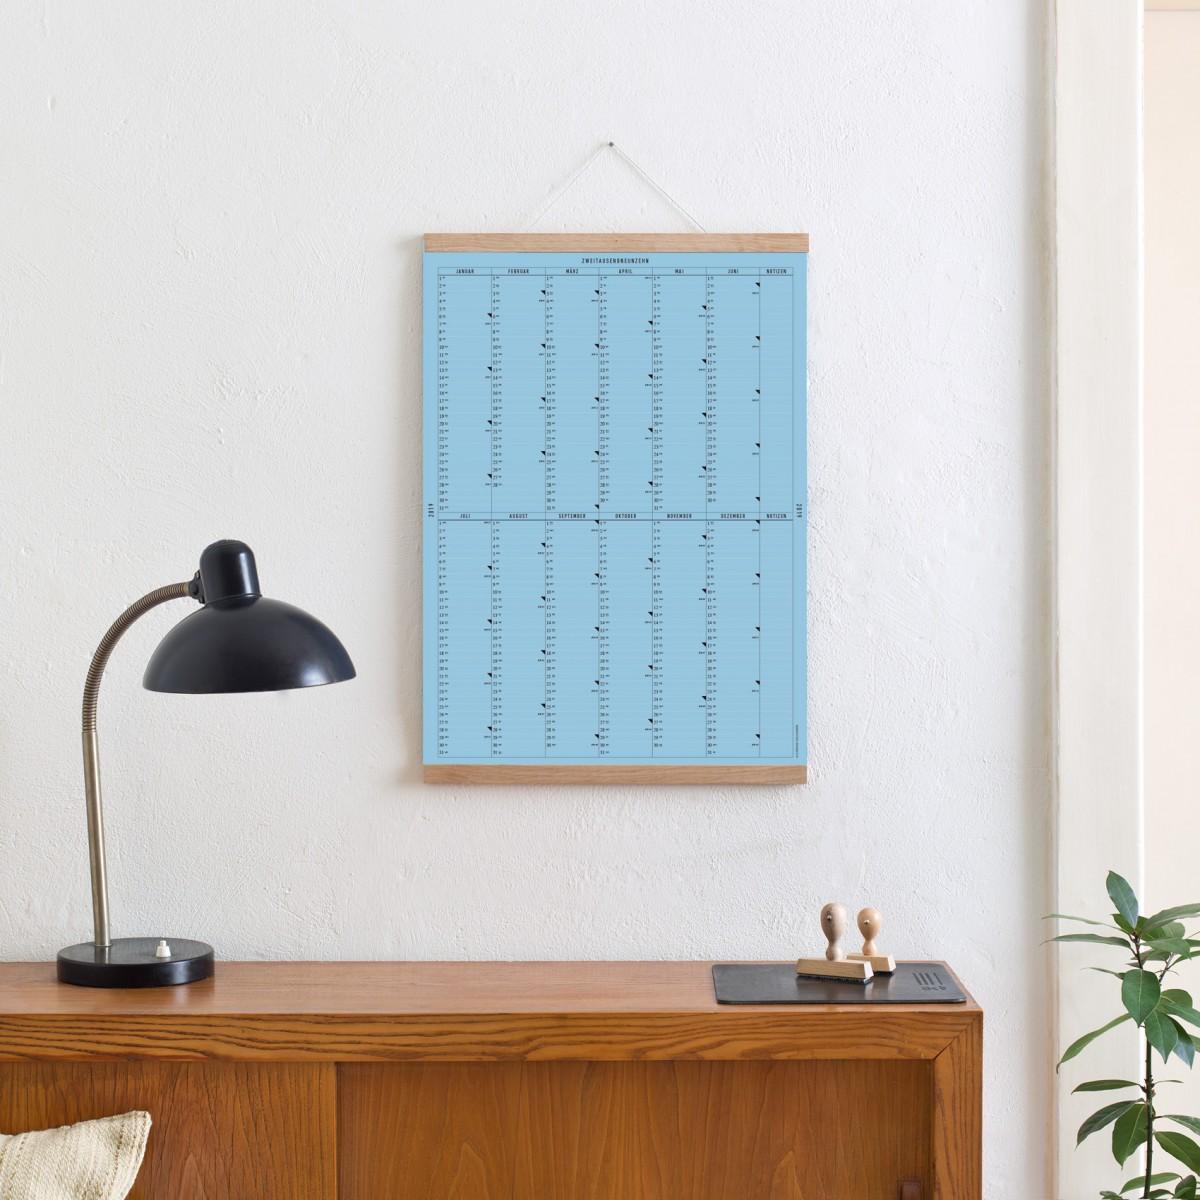 Der A2 Wandkalender 2019 (blau) mit Posterleiste